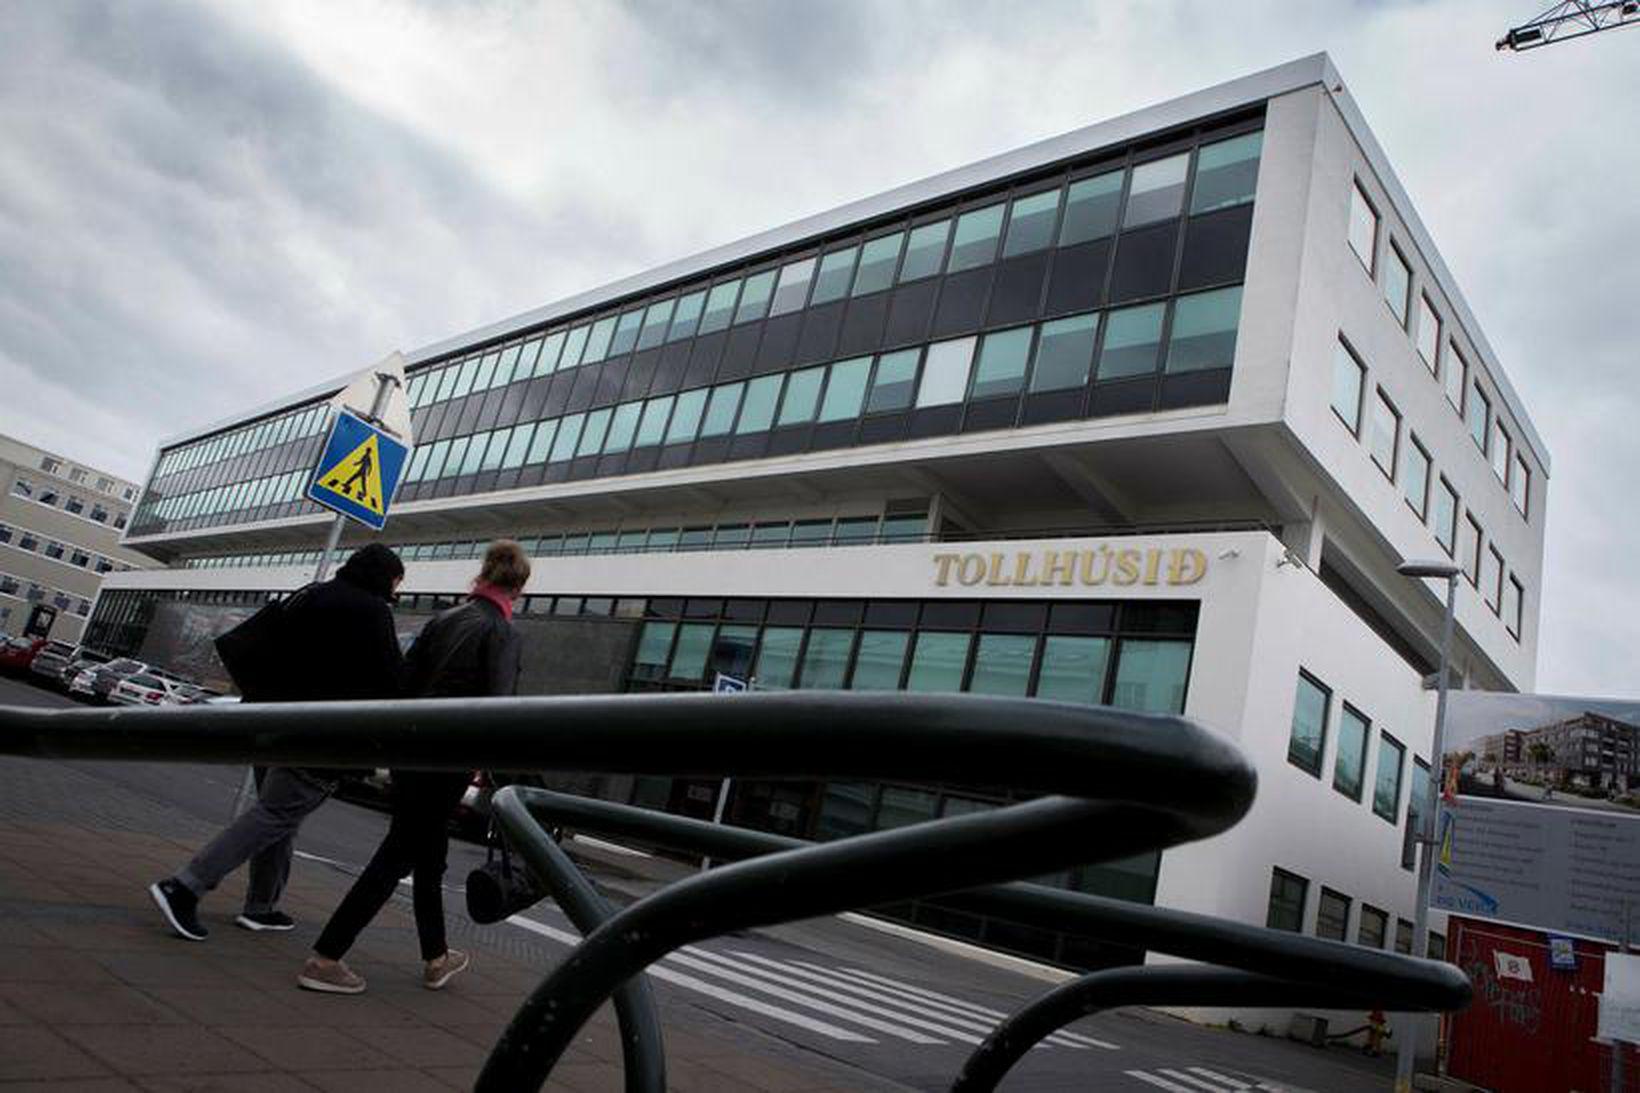 Innheimta opinberra gjalda á höfuðborgarsvæðinu hefur verið í höndum tollstjóra. …